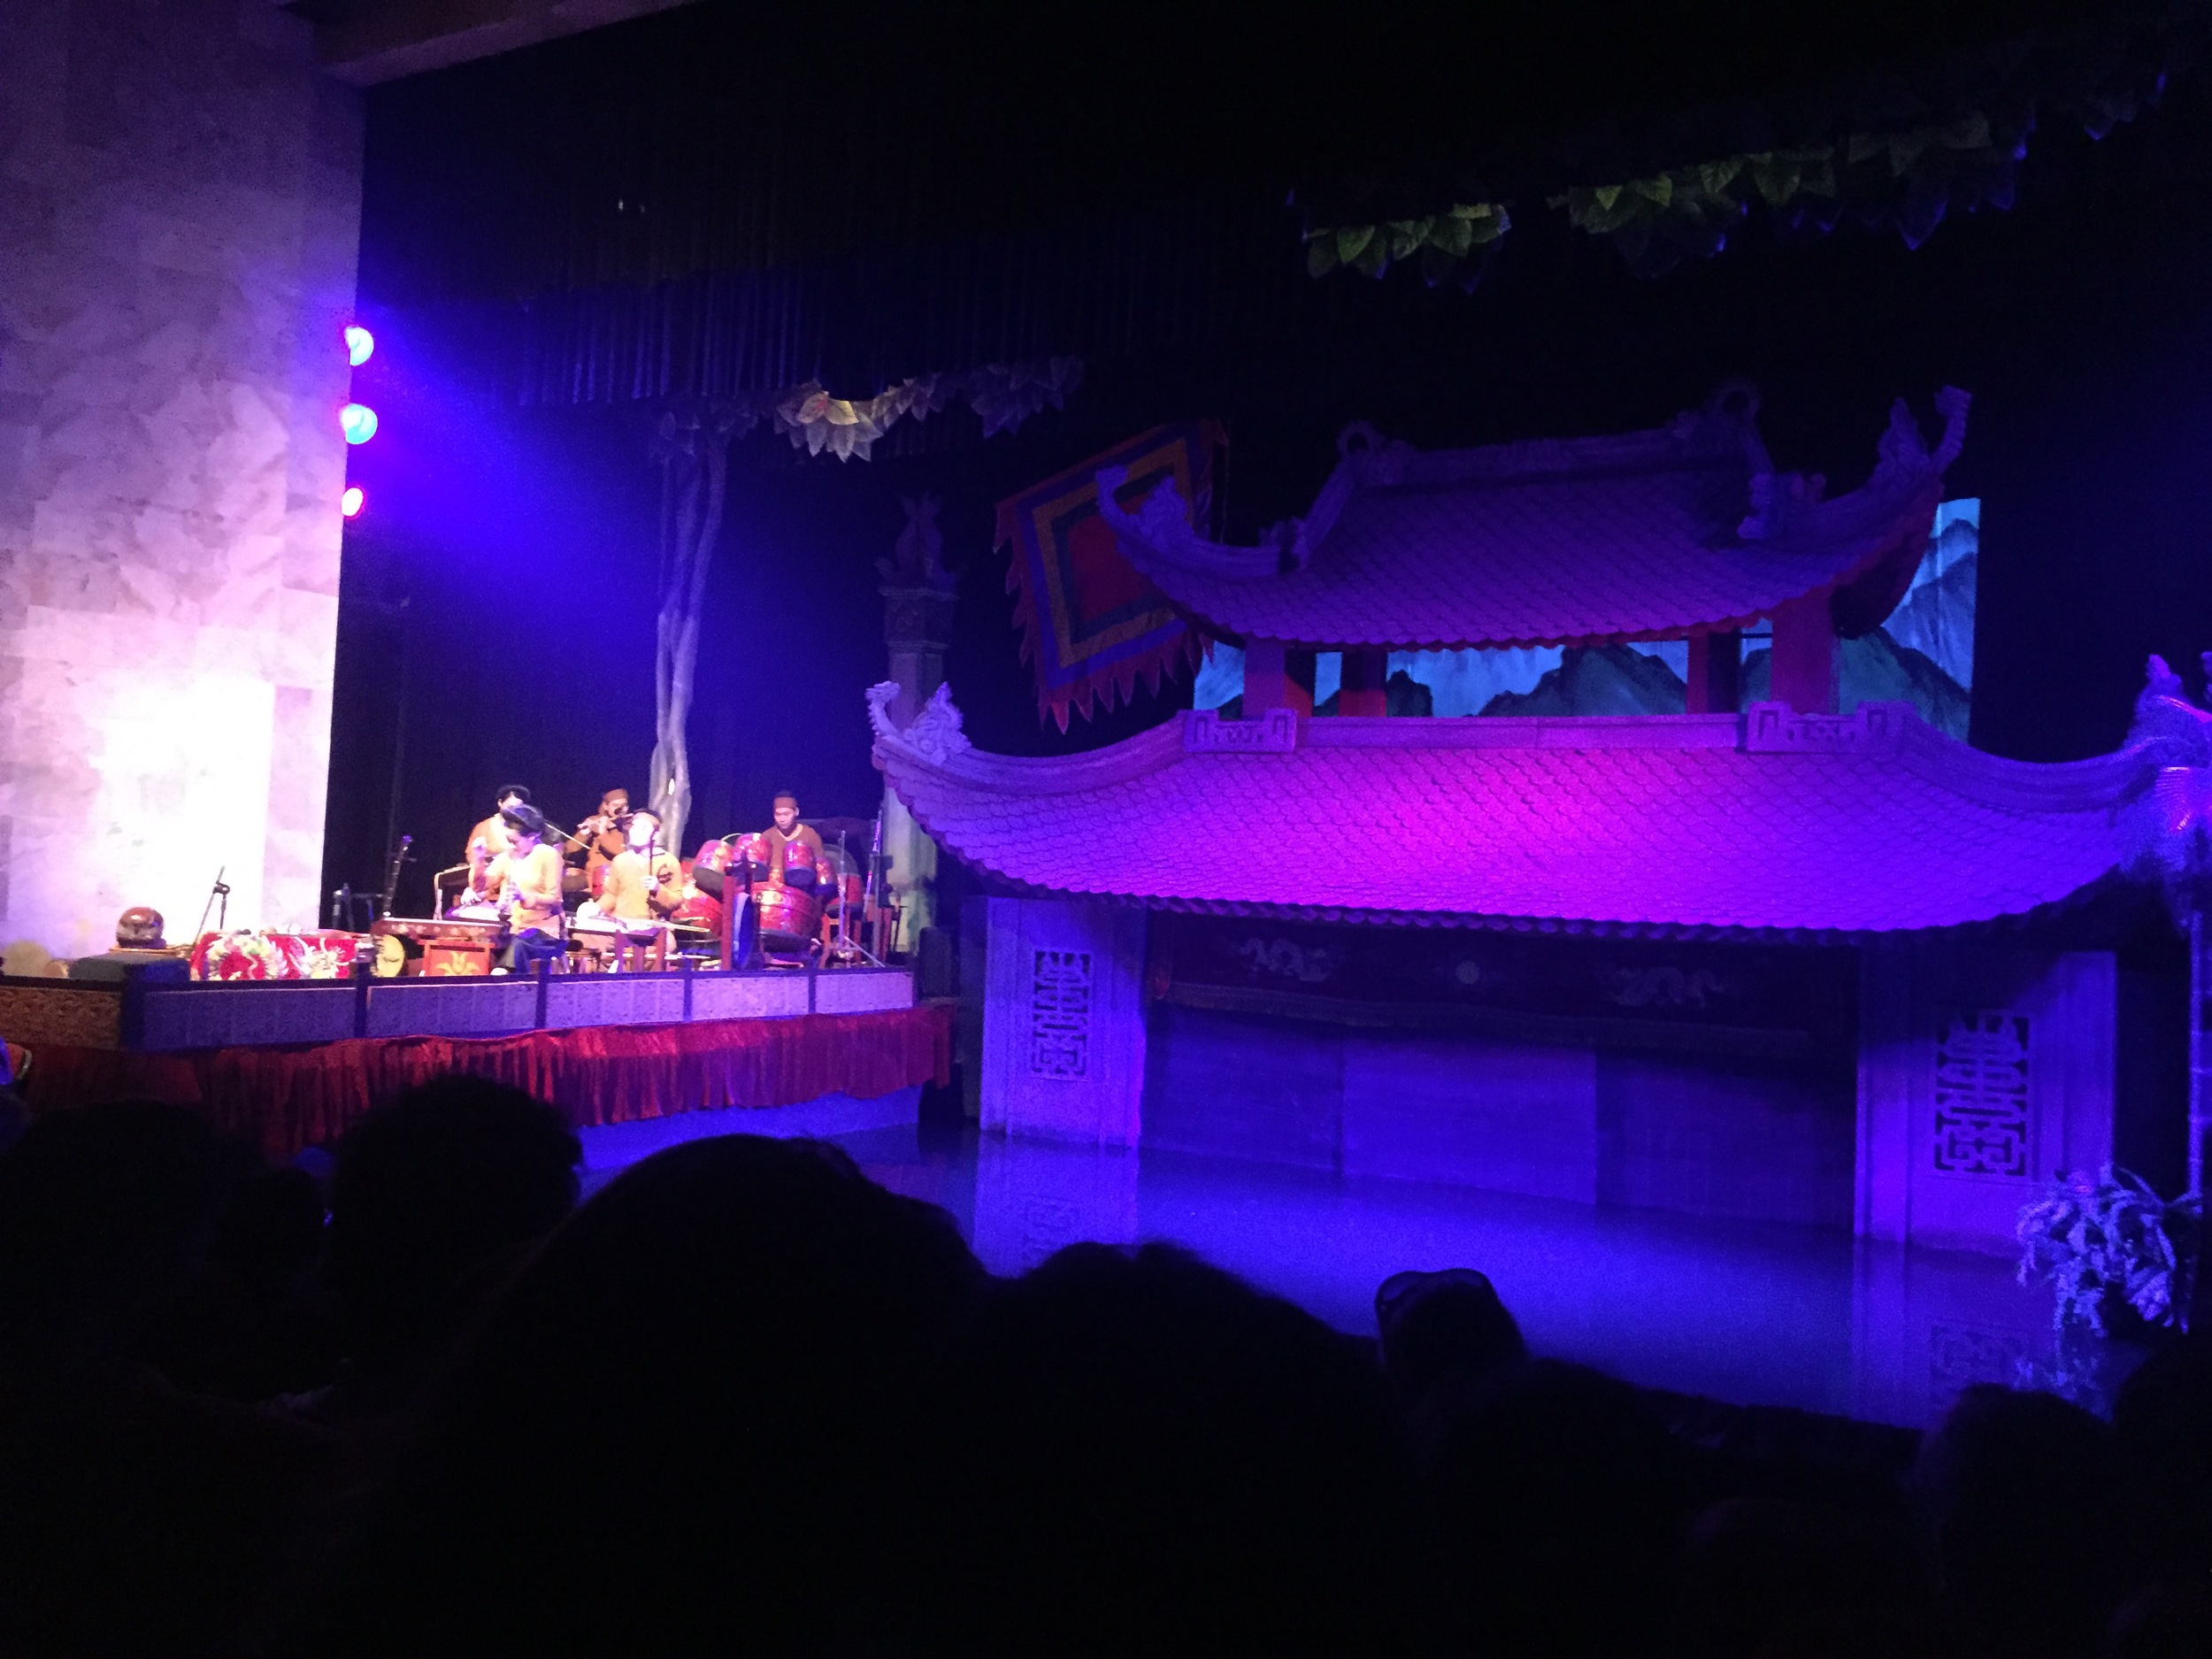 Waterpuppet show!